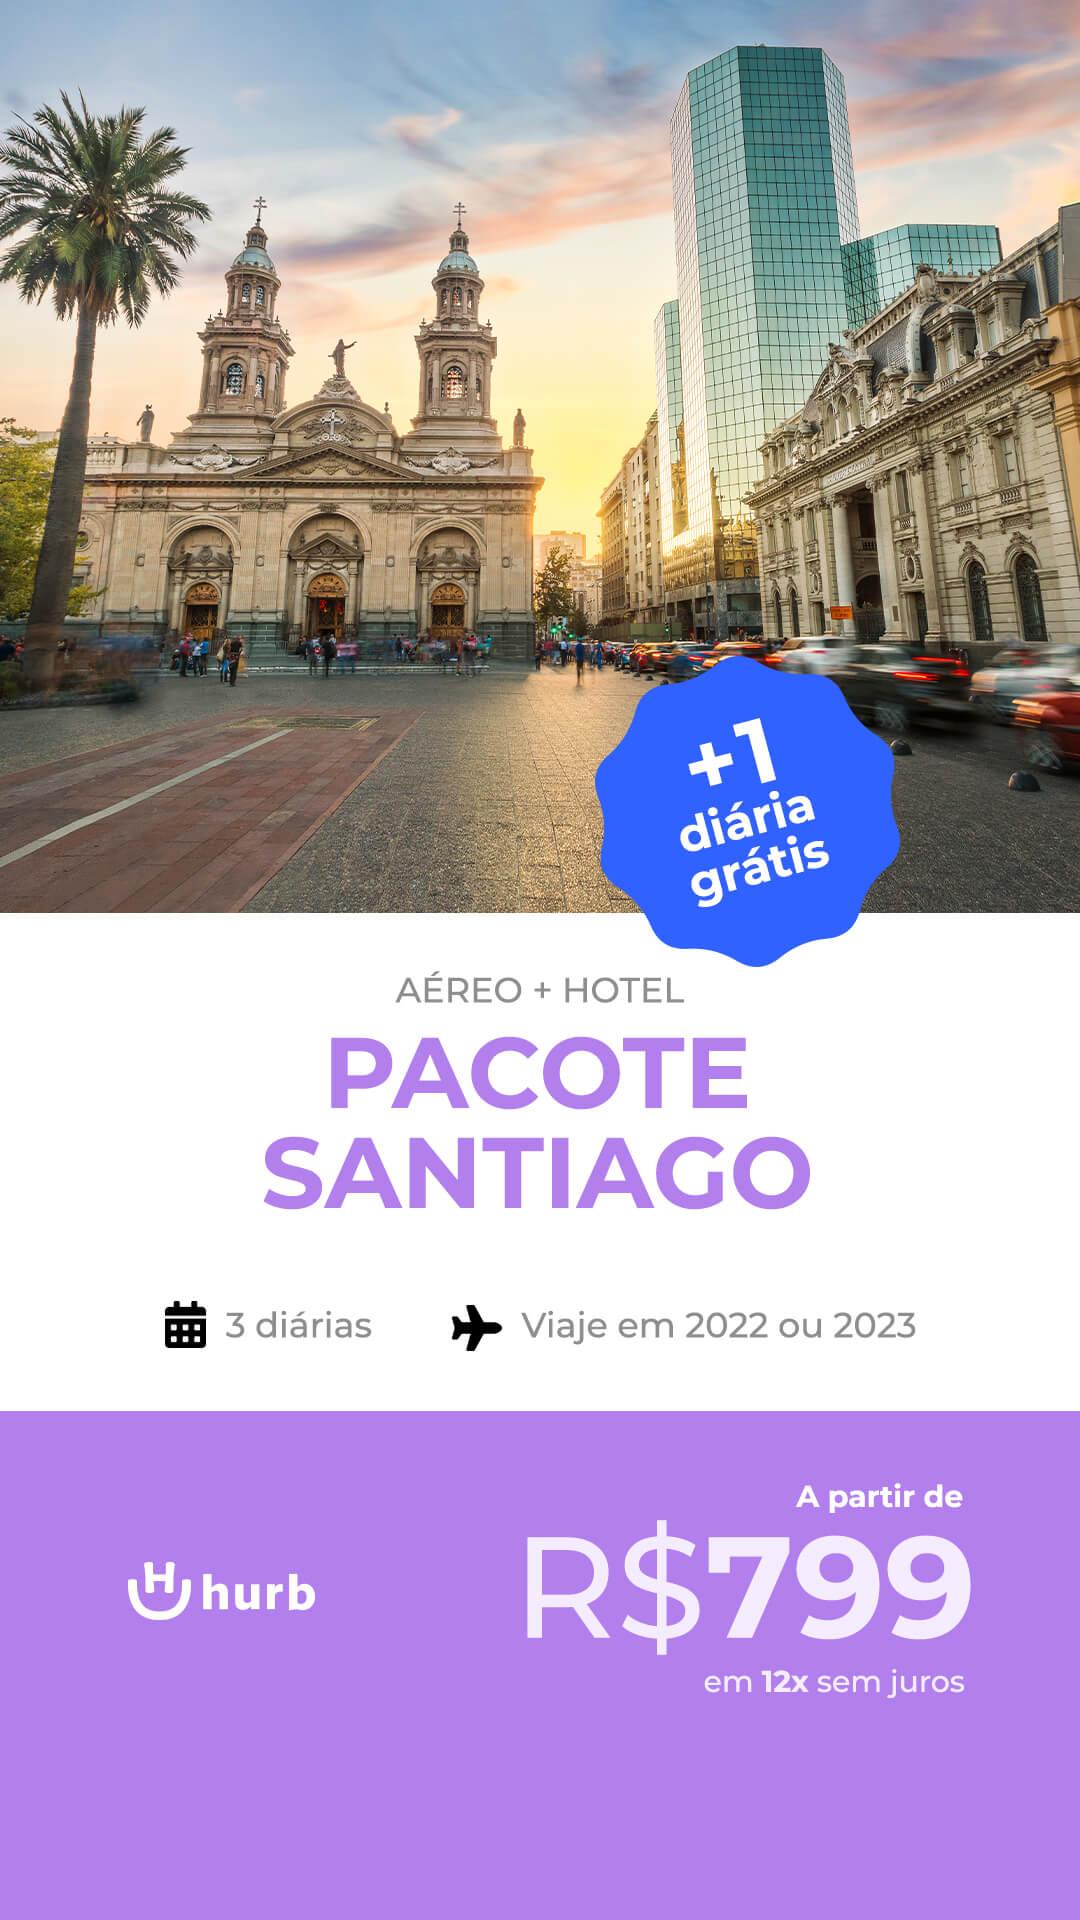 pacote santiago com diaria gratis 2022 e 2023